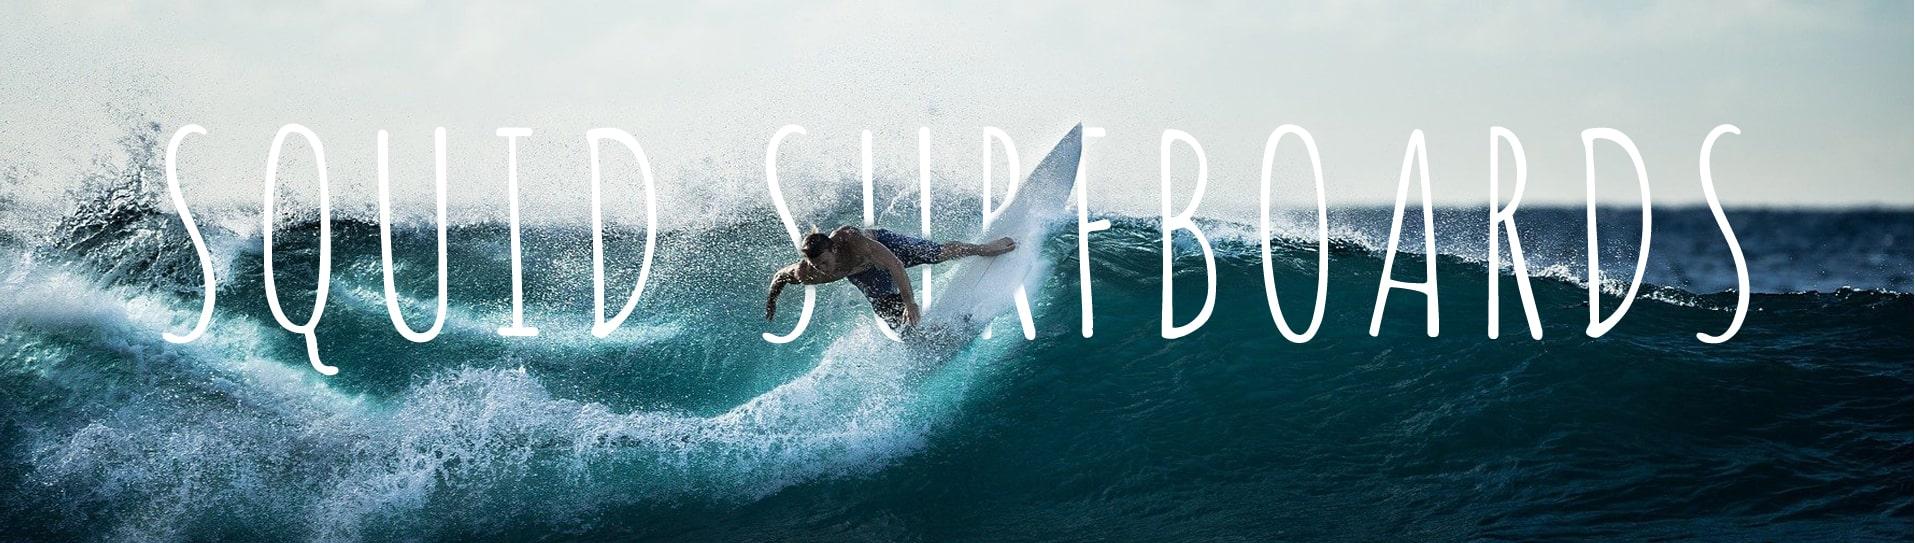 surfeur vague Squid Surfboards